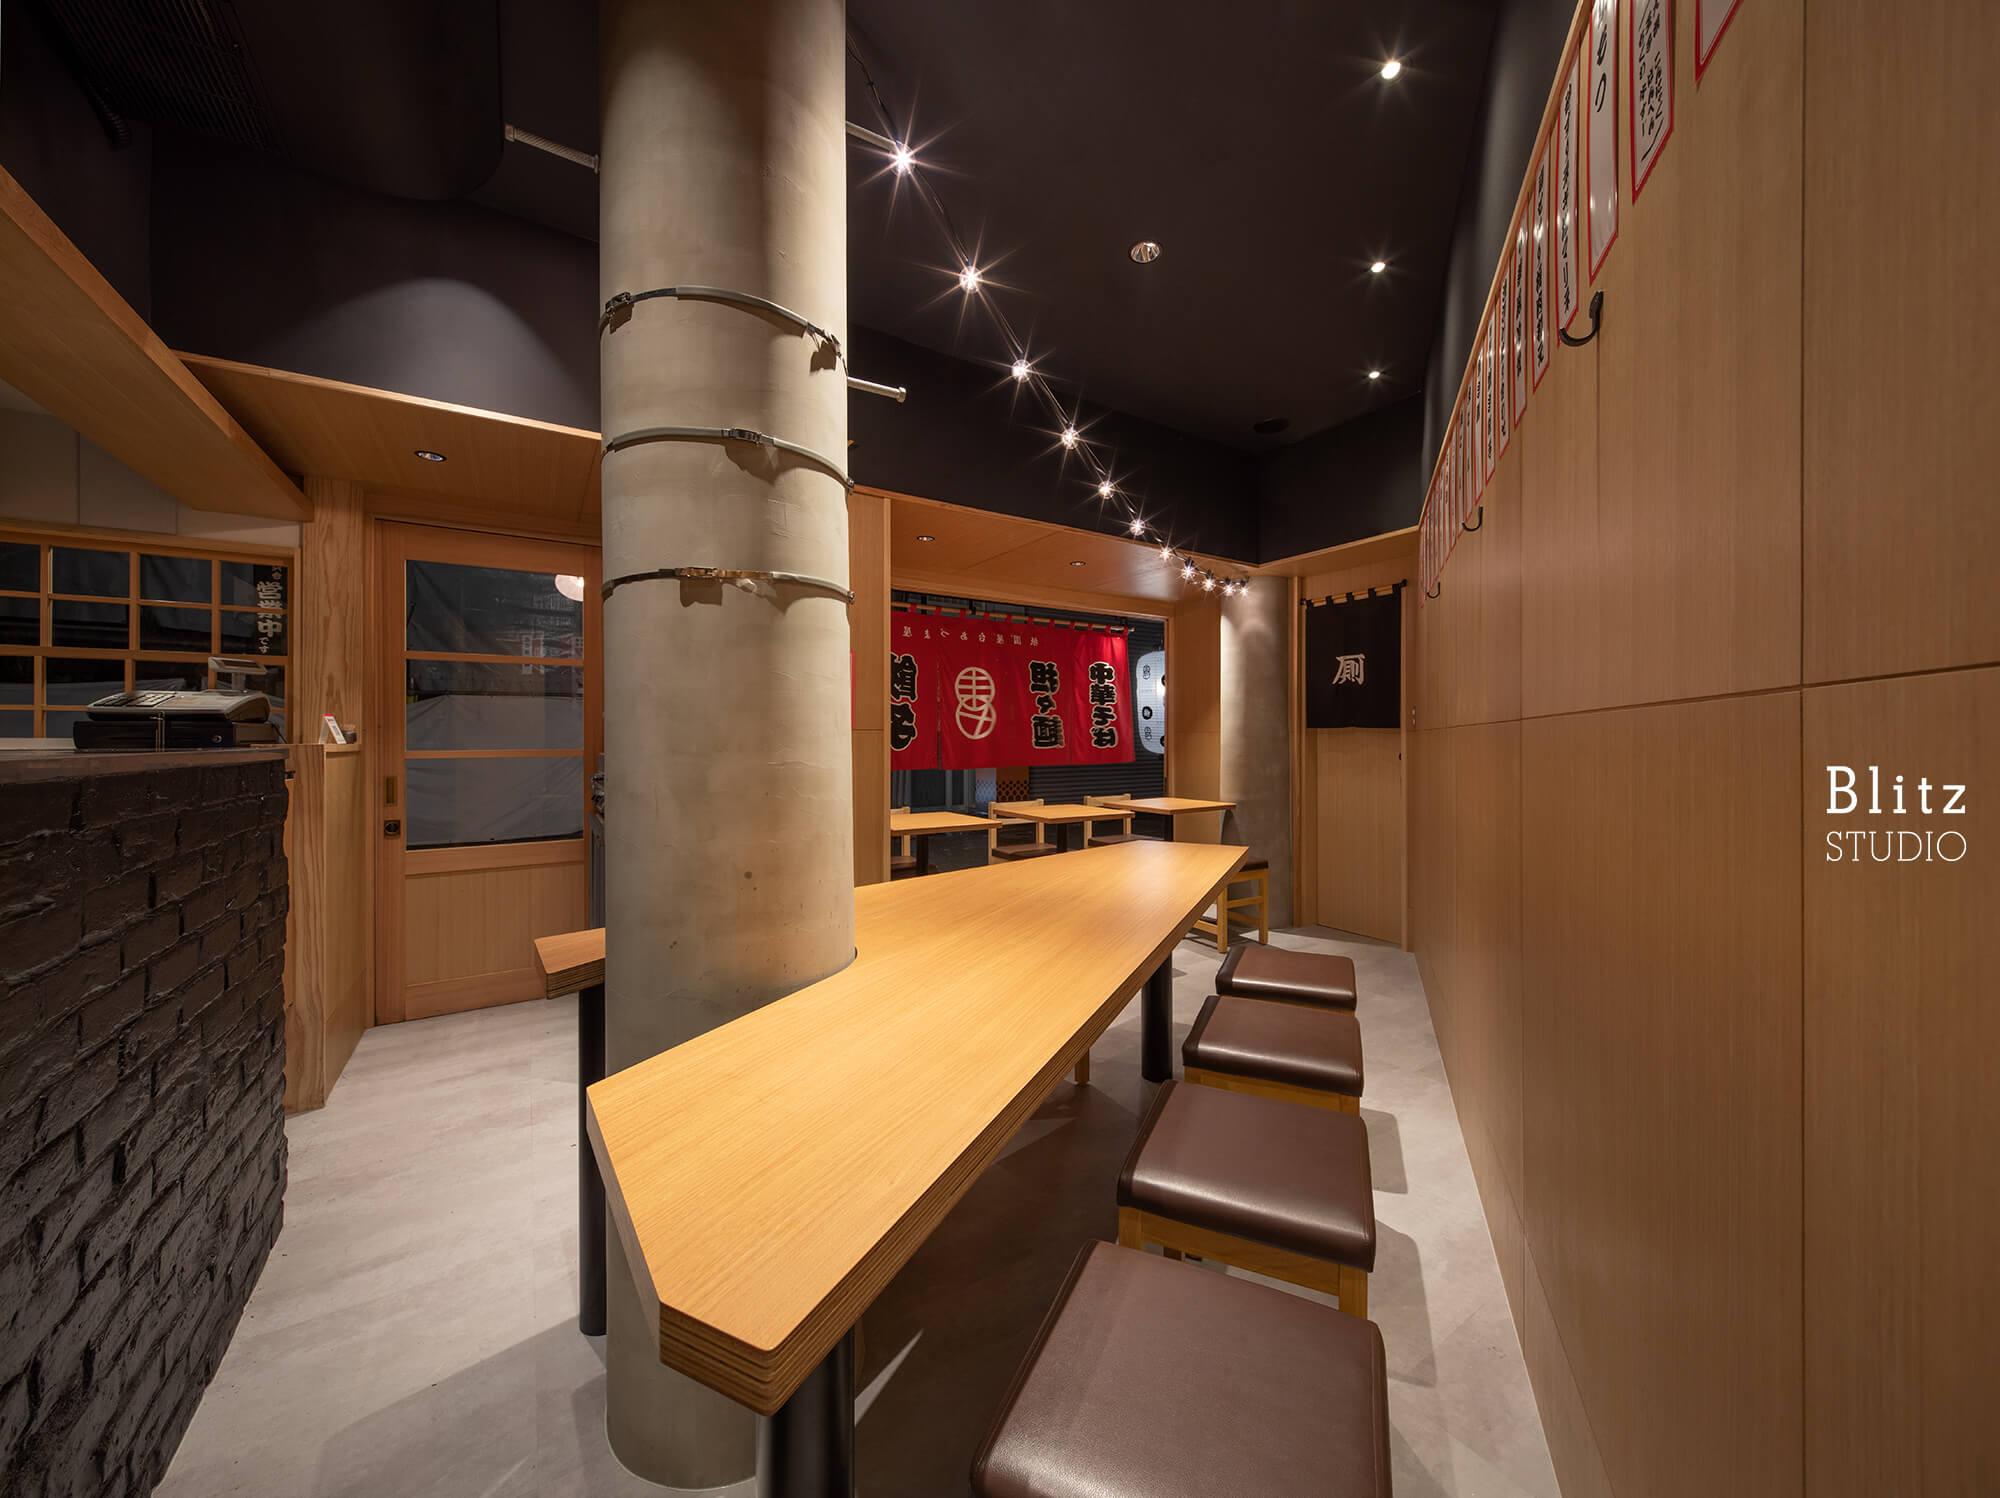 『担々麺 あづま屋 祇園店』-福岡県福岡市-建築写真・竣工写真・インテリア写真3